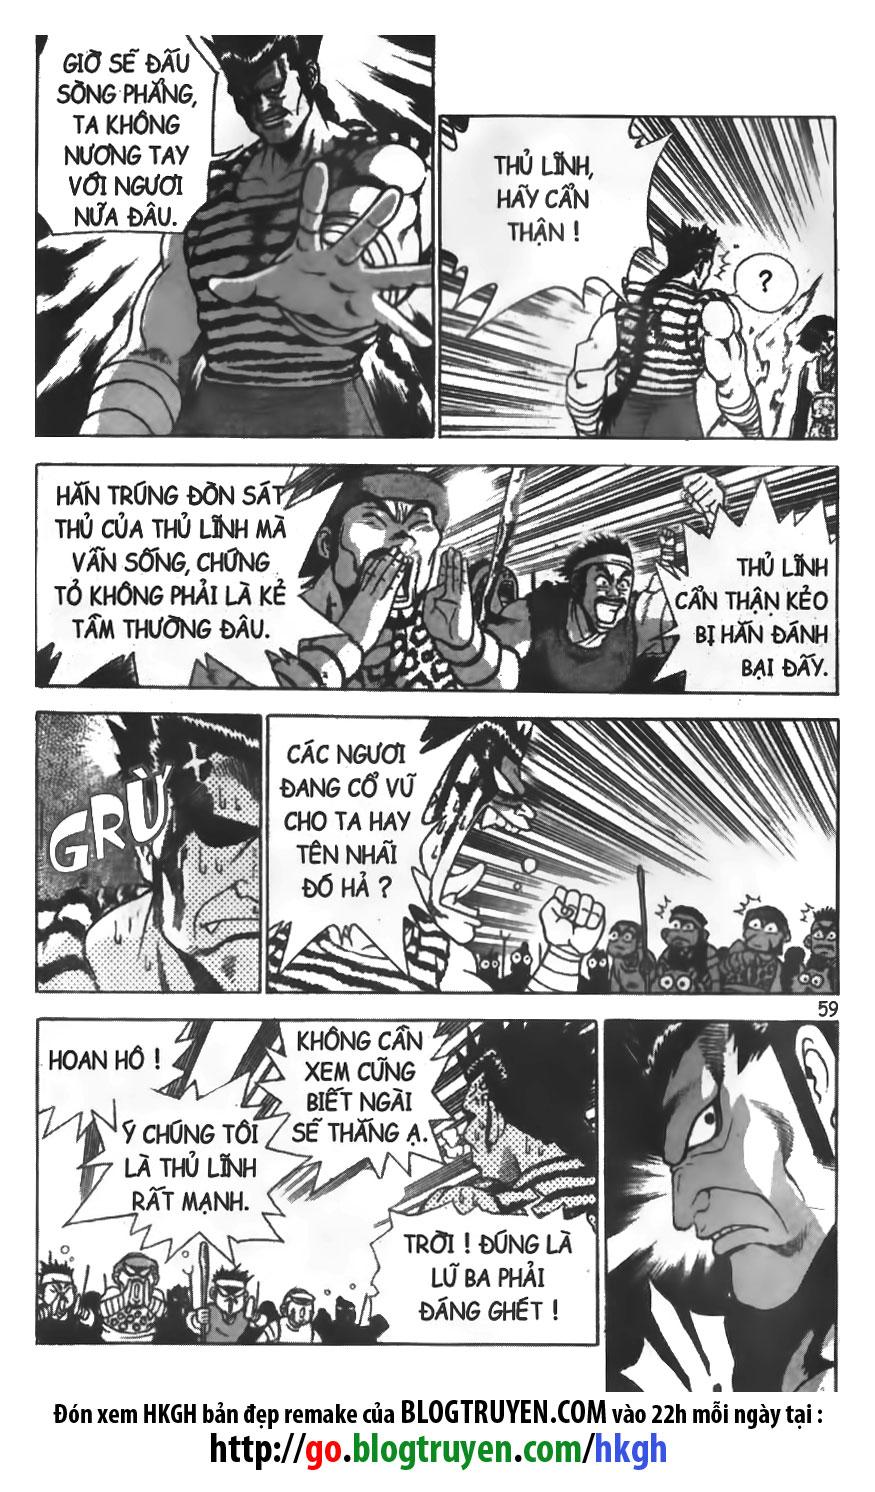 xem truyen moi - Hiệp Khách Giang Hồ Vol25 - Chap 168 - Remake